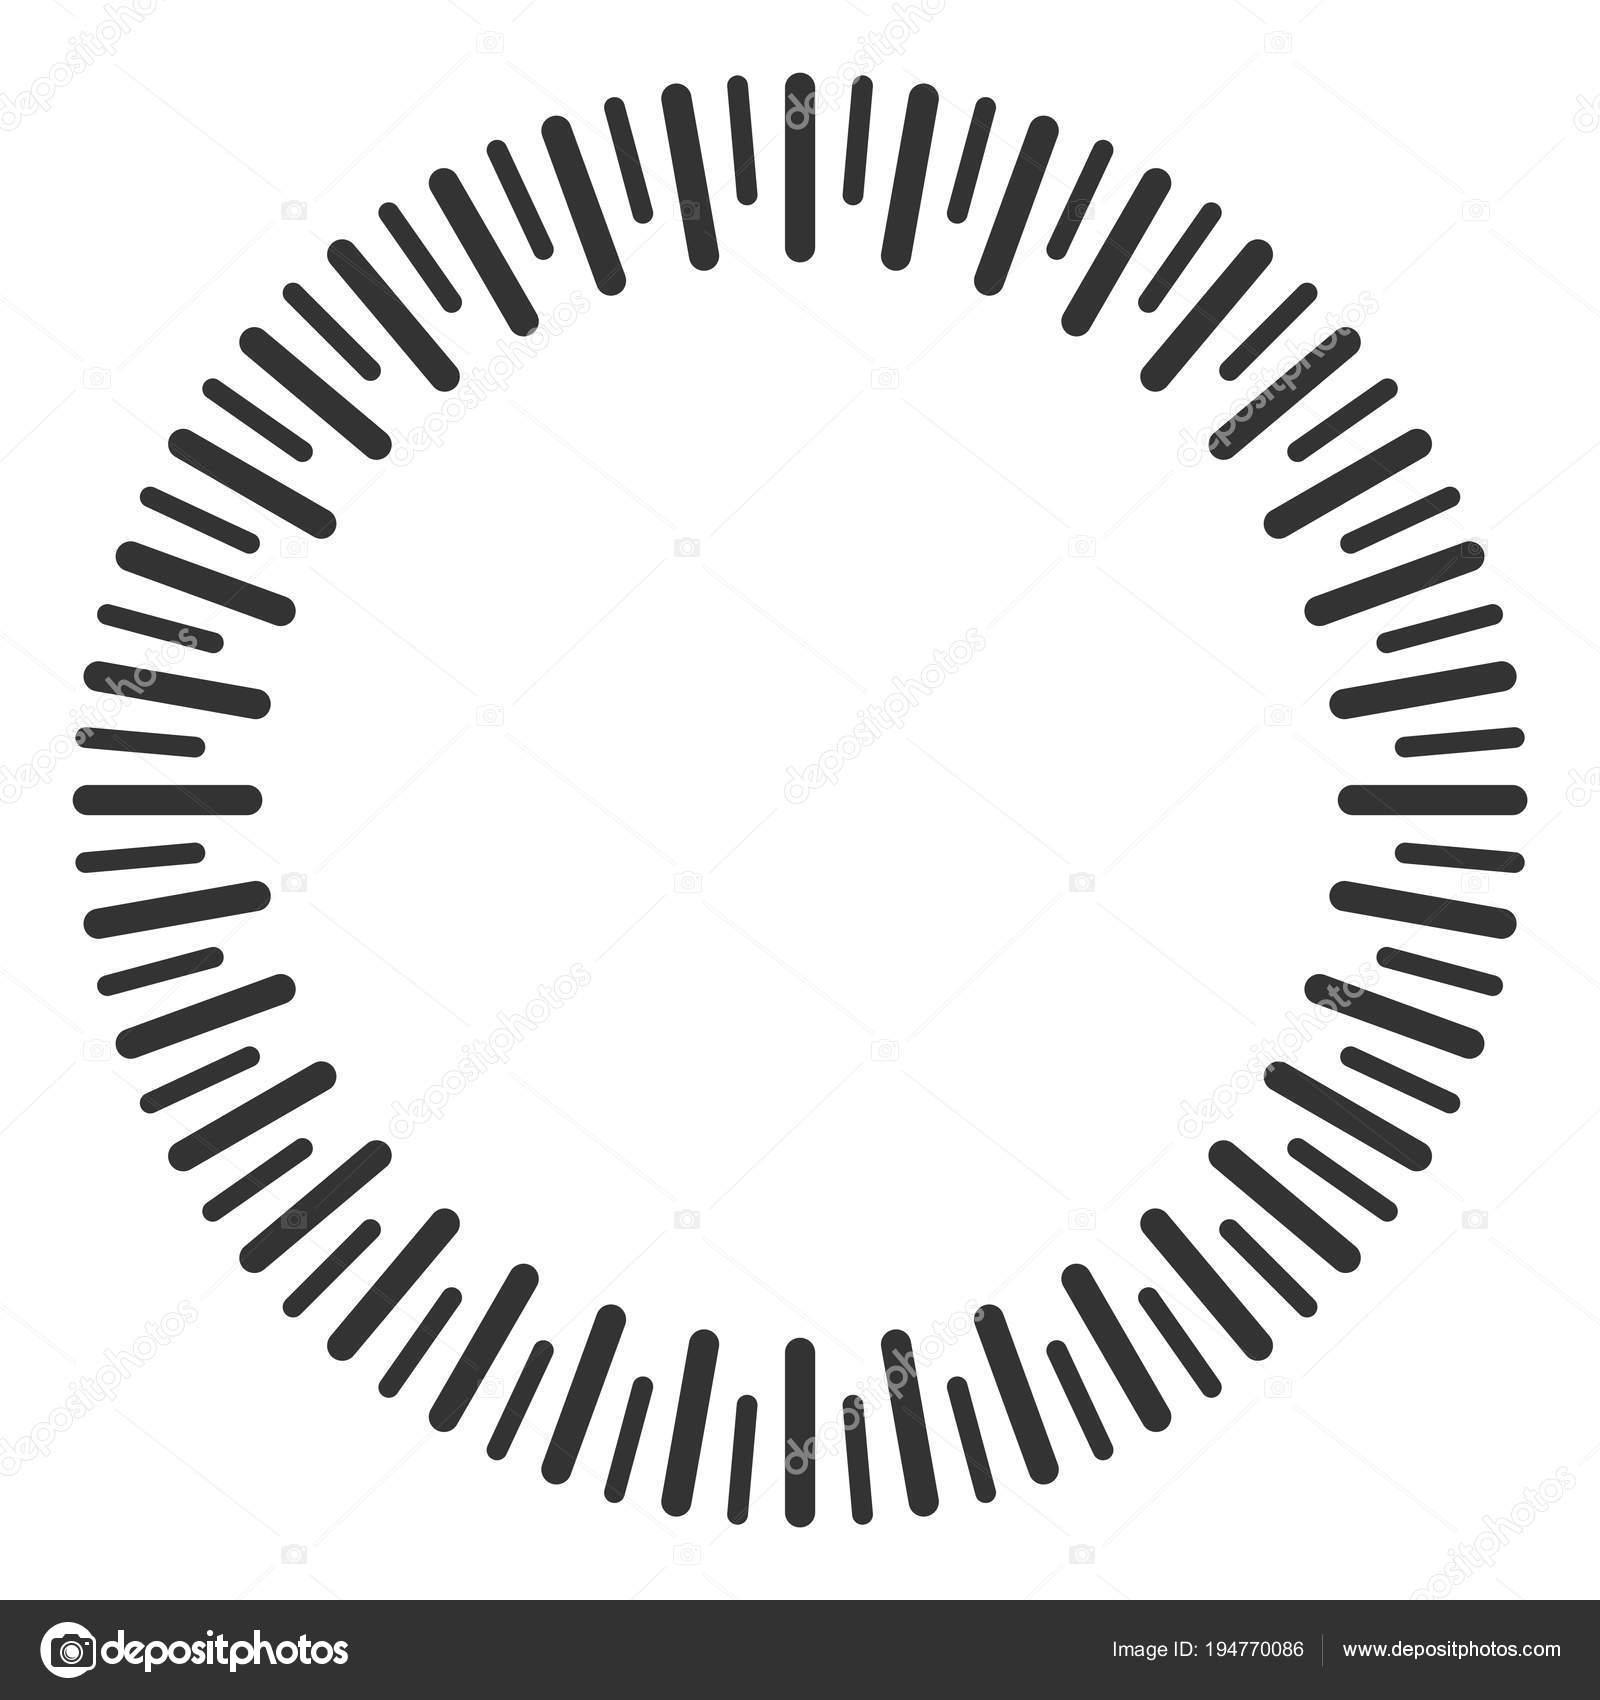 Circular Ruler Vector Illustration